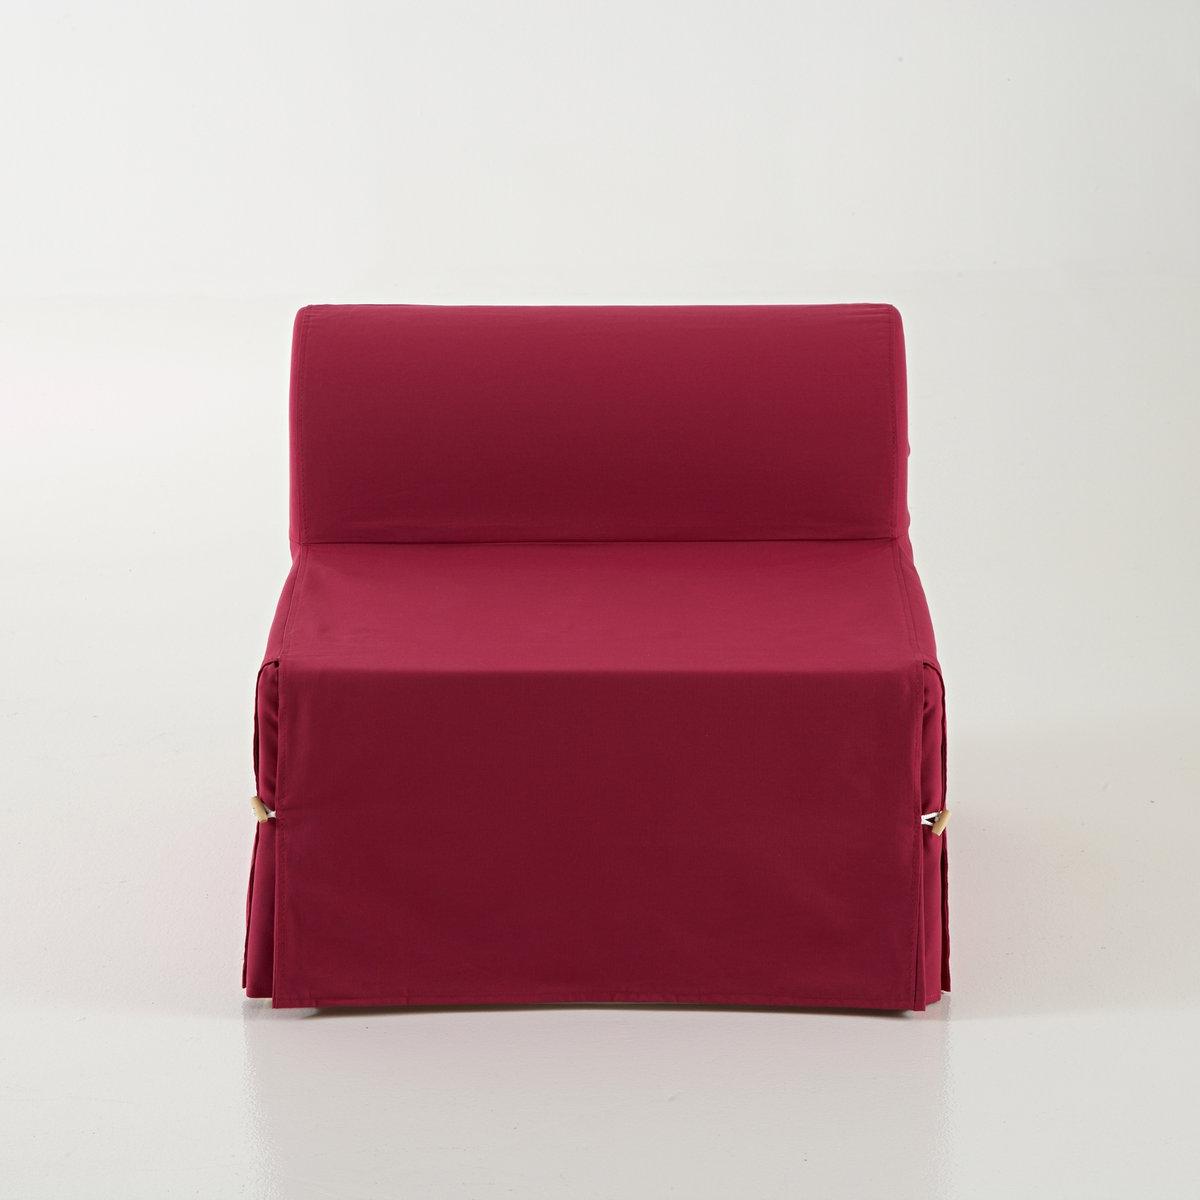 Кресло-банкетка-кровать Dave Meeting mousse от La Redoute